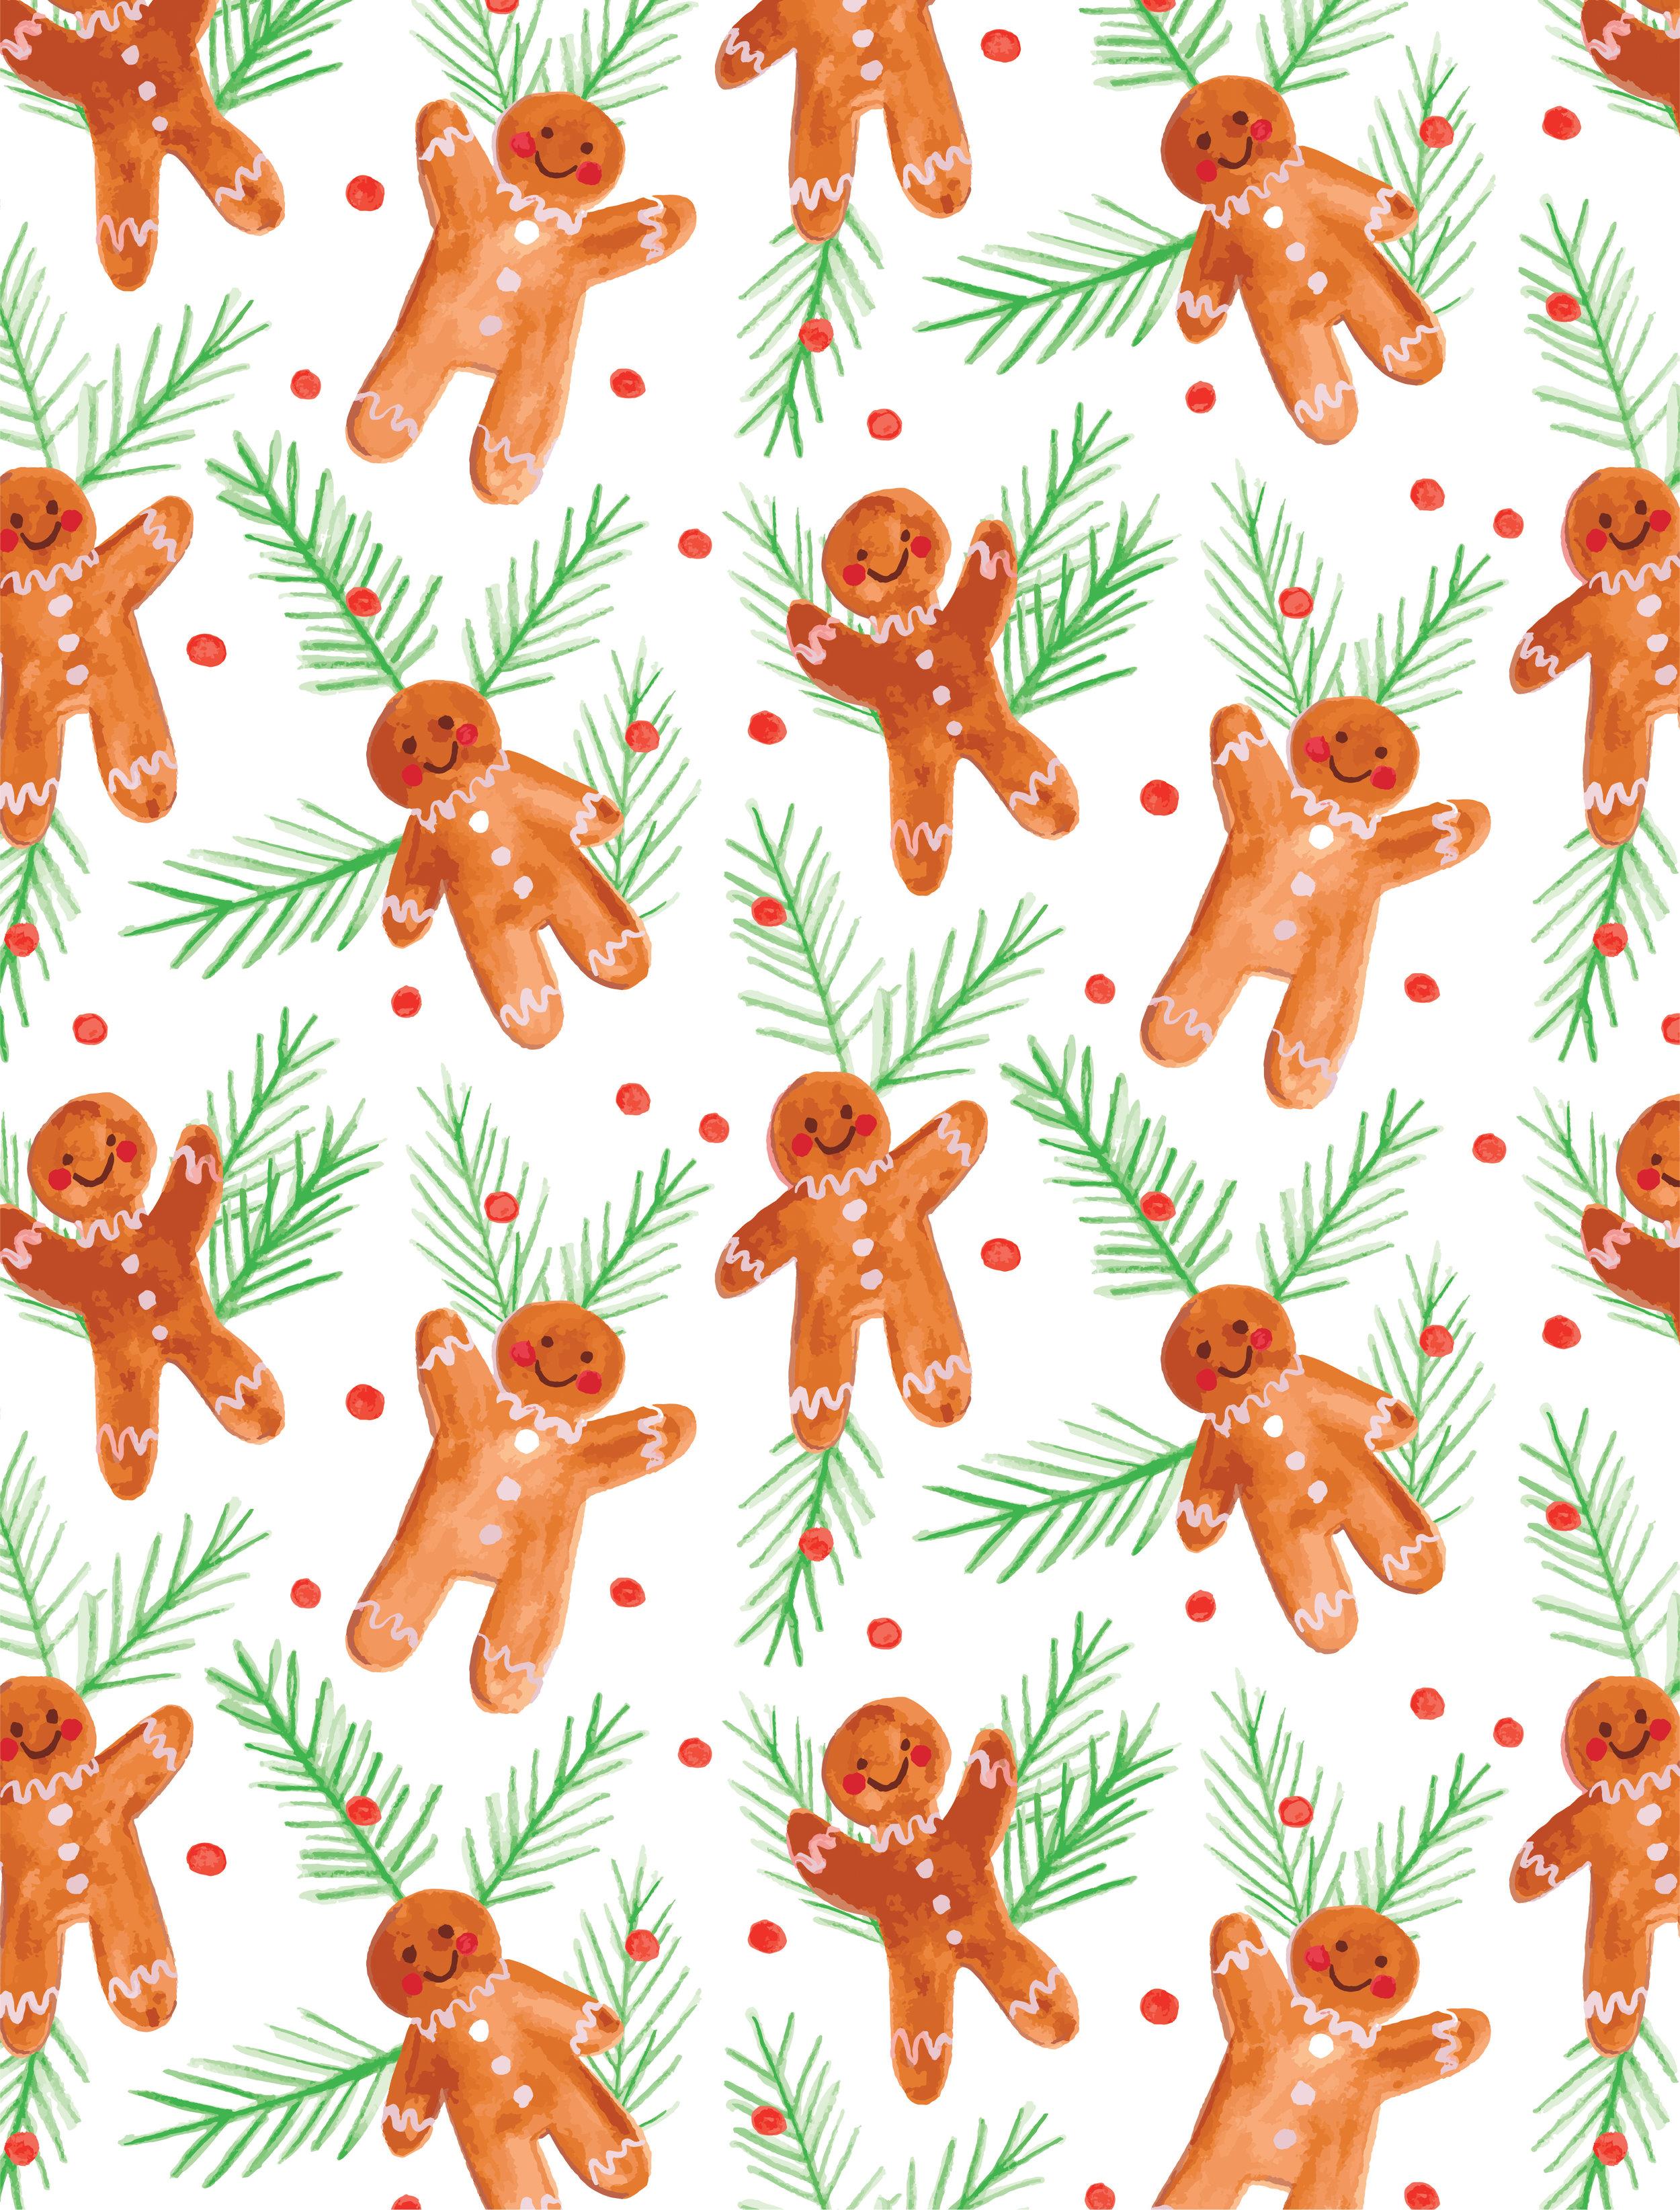 Hol18_GingerbreadPeople_Pattern-02.jpg